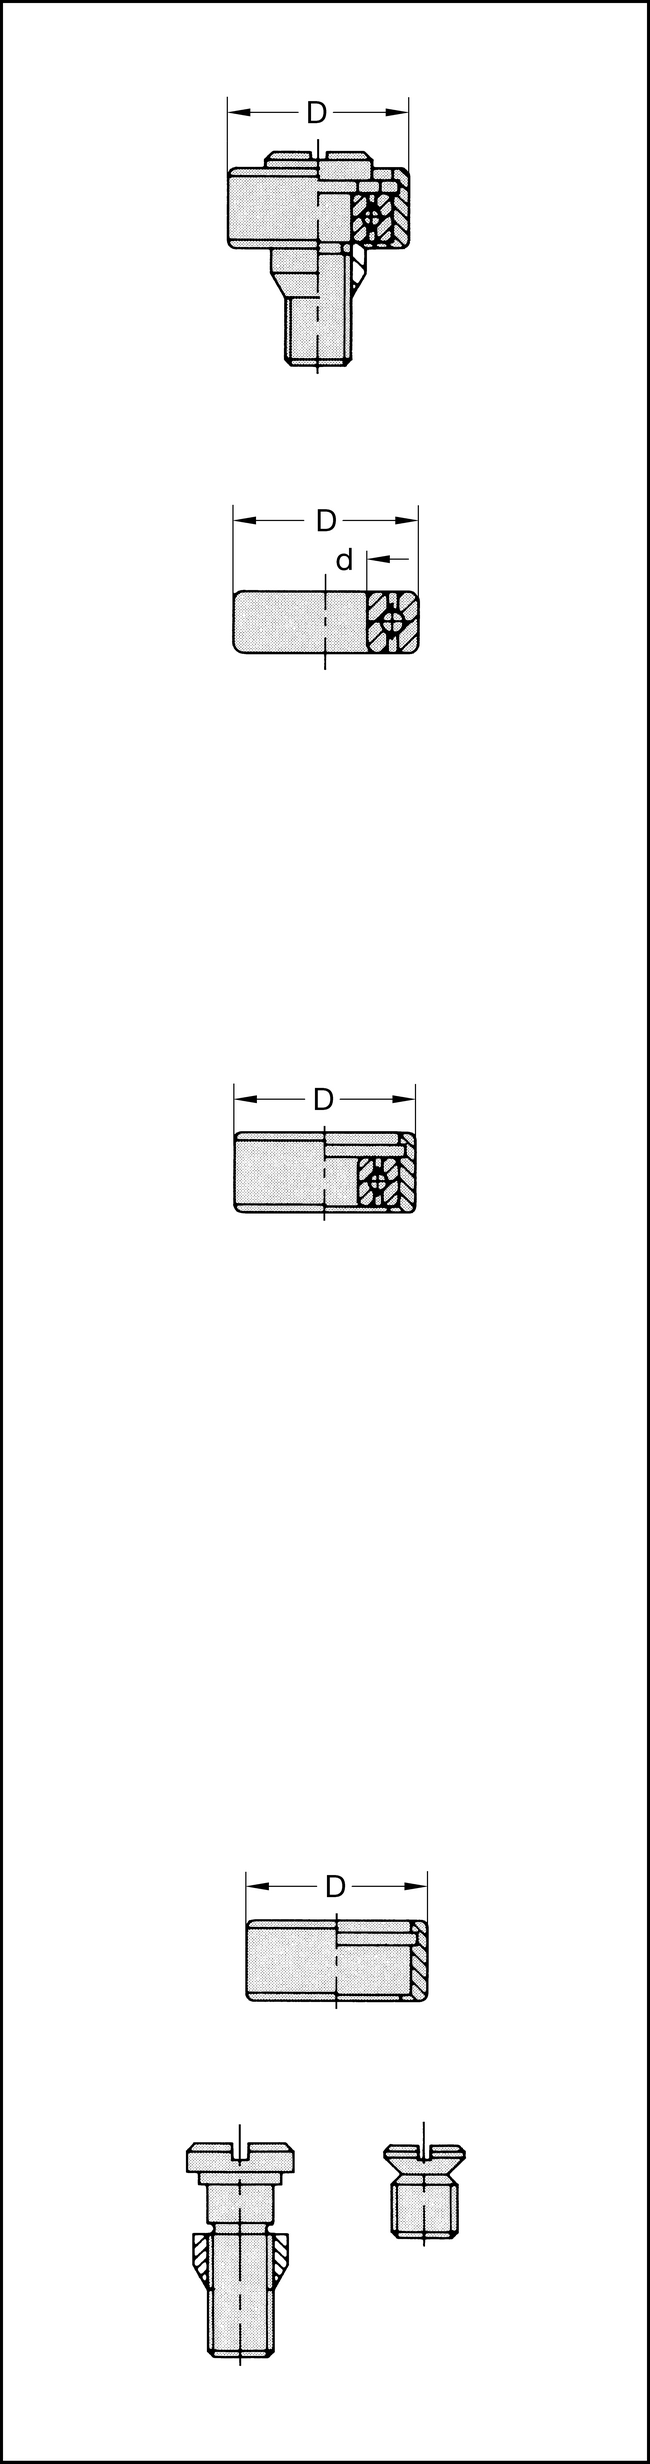 Kugellager 20mm d=6,35mm